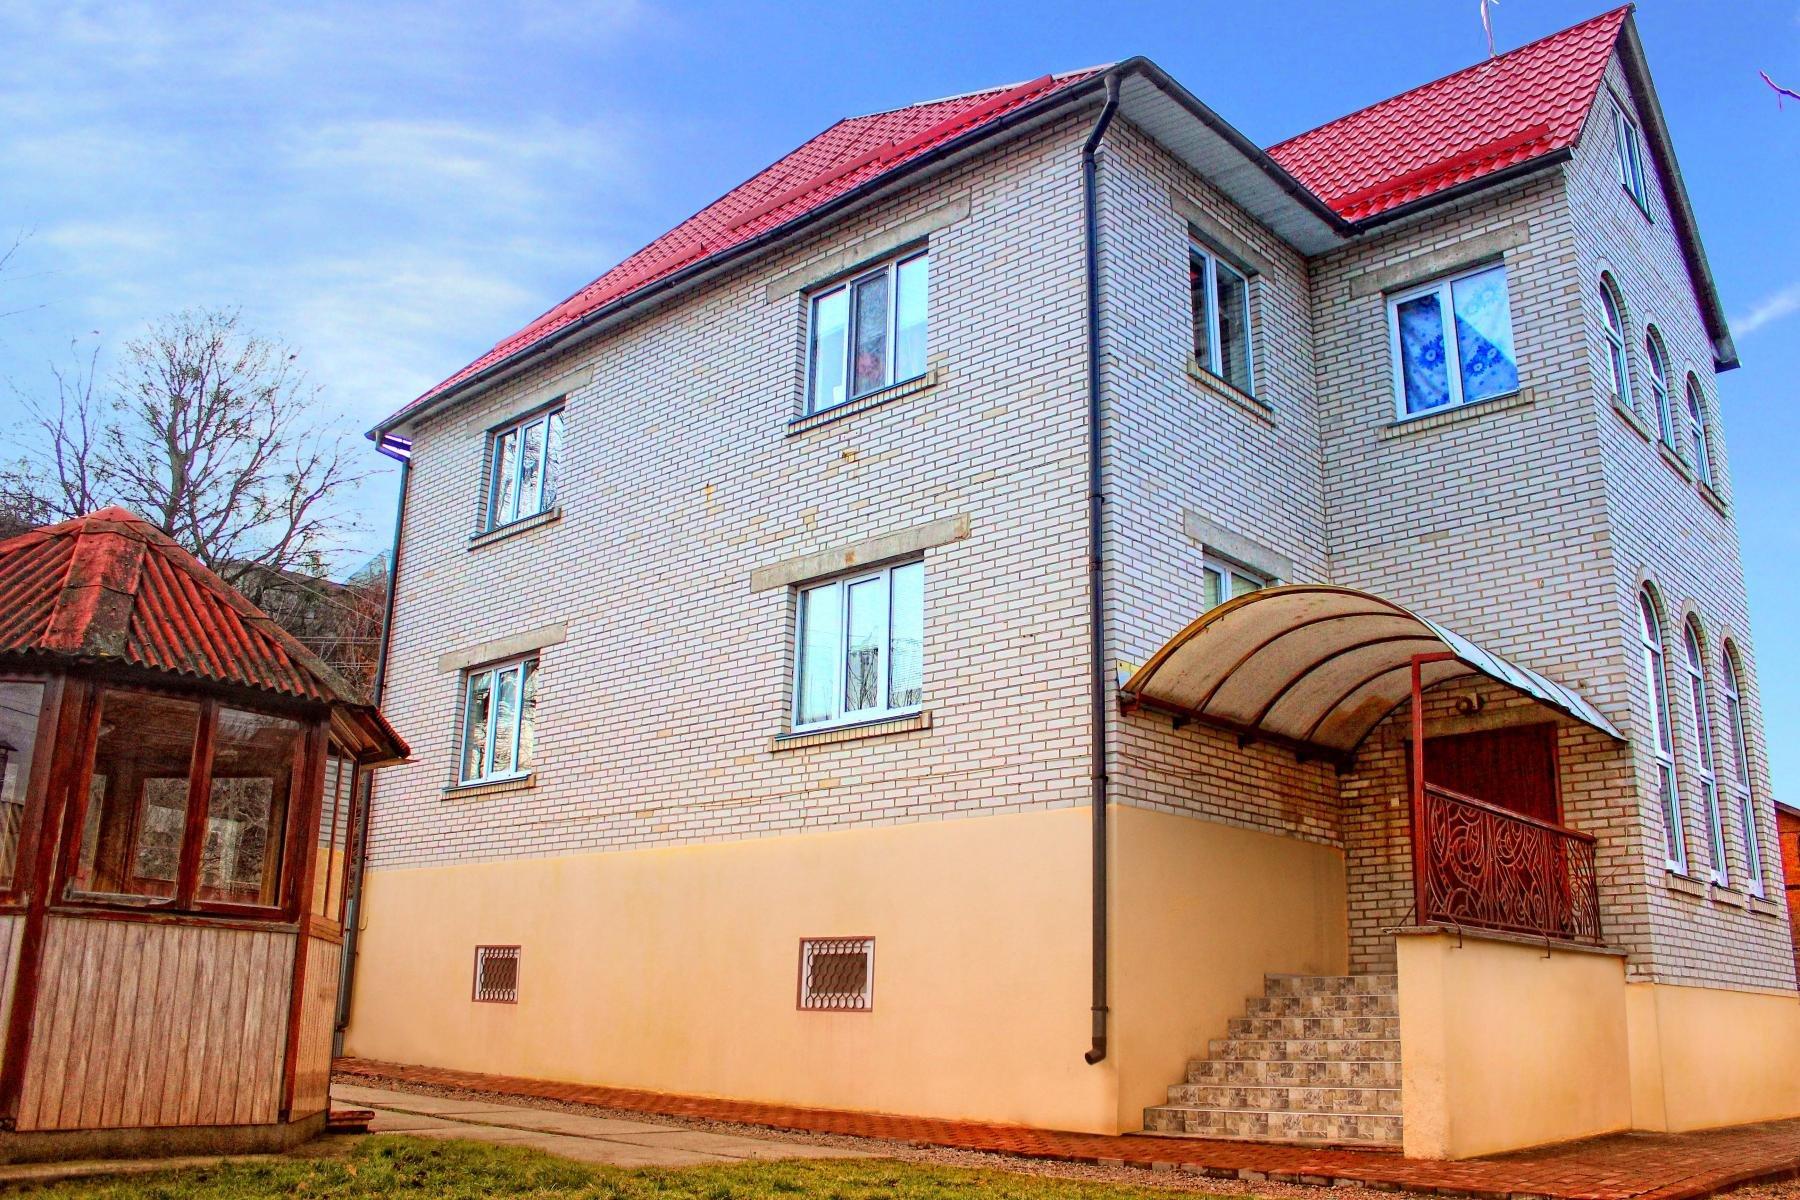 Дом престарелых в виннице дома престарелых и инвалидов города мурманск